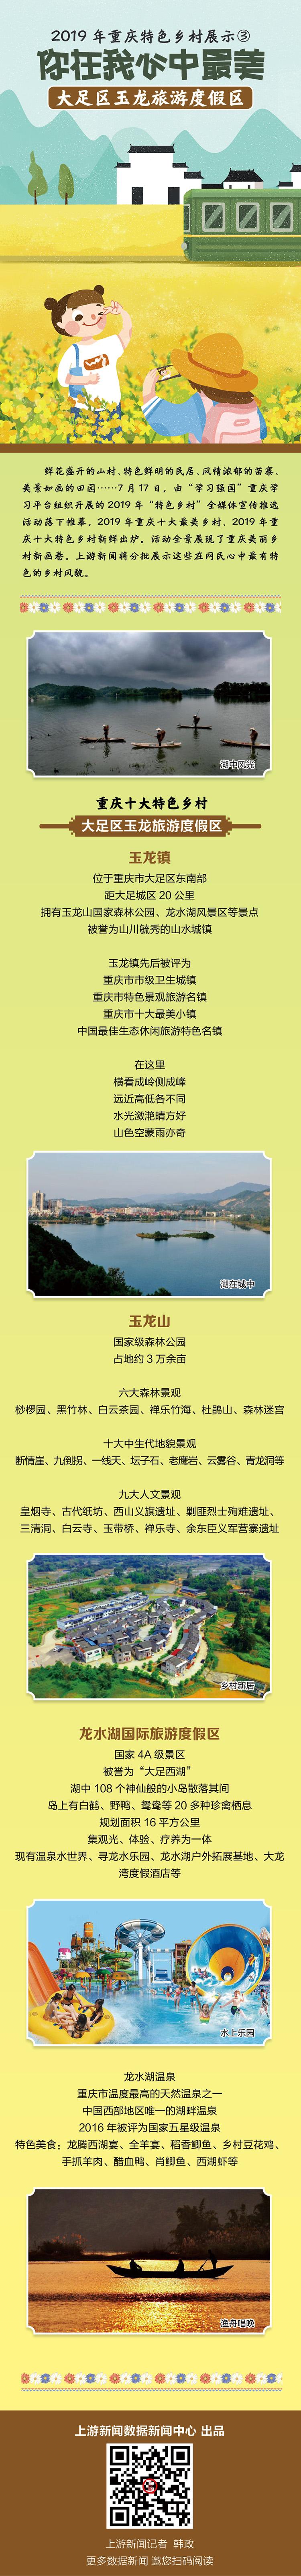 特色3:大足区玉龙旅游度假区.jpg